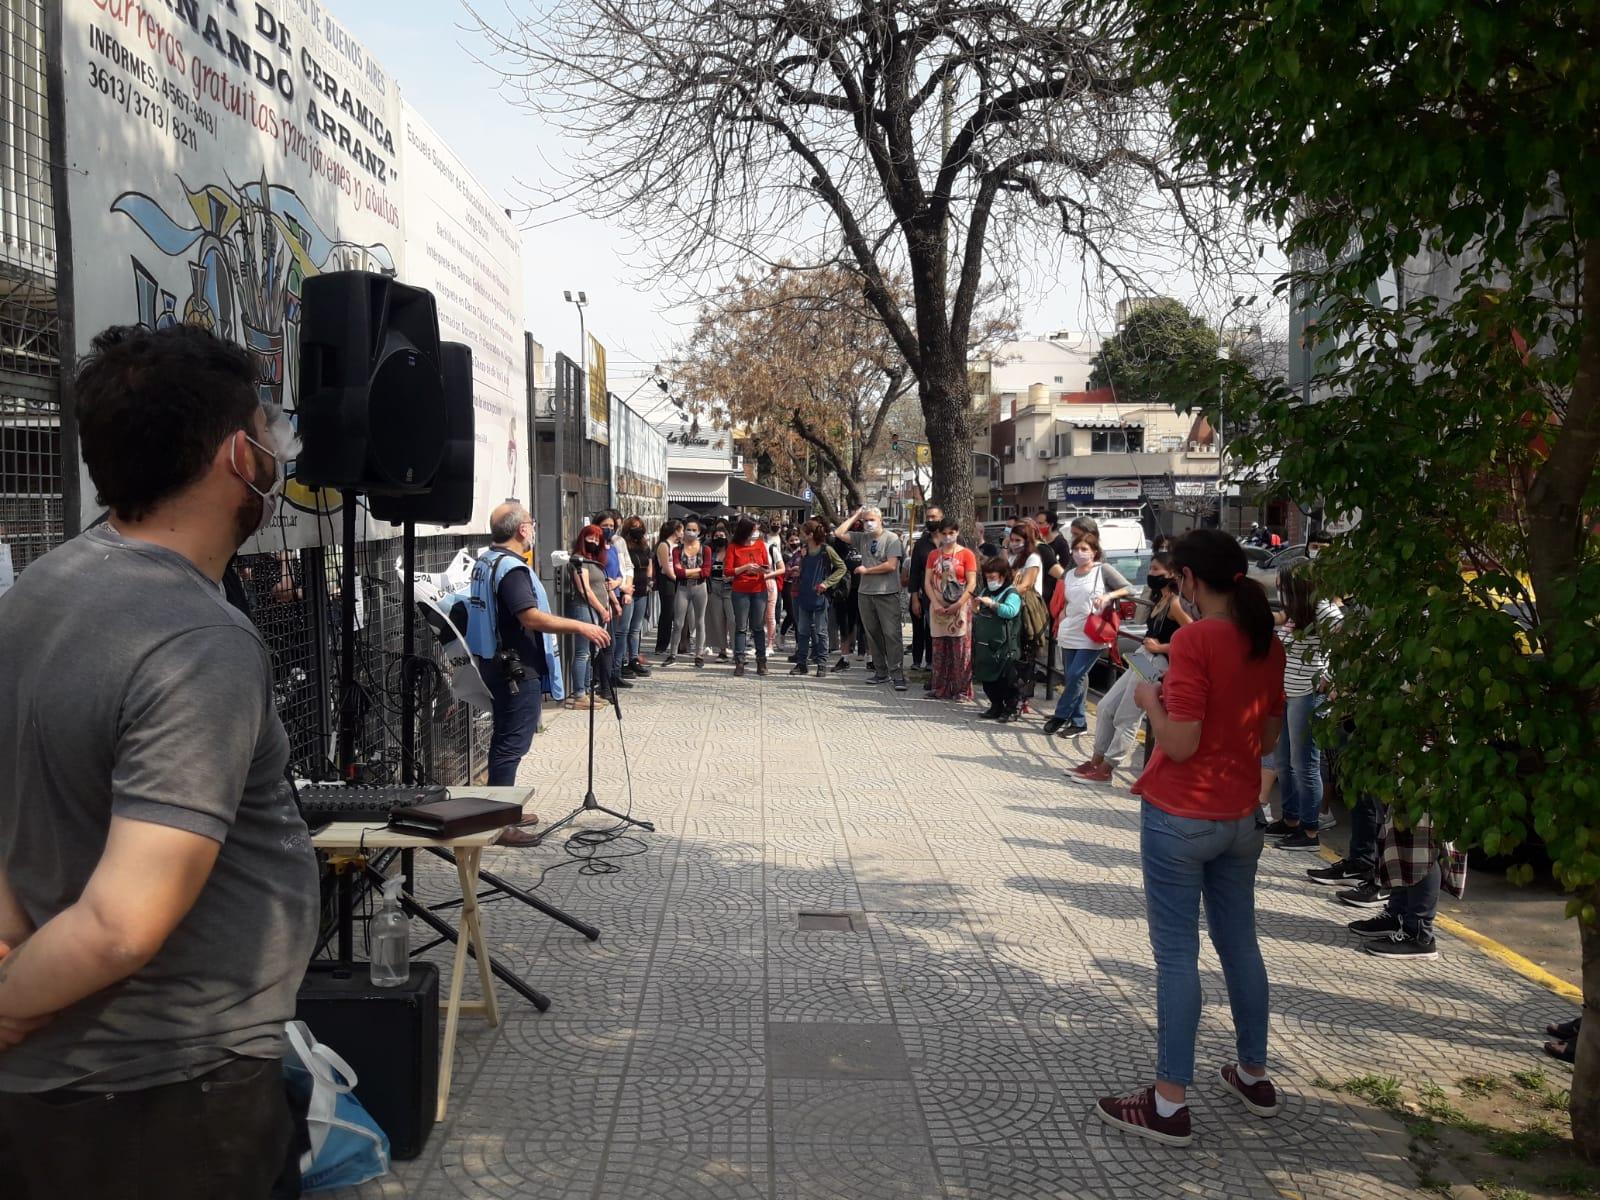 La muerte danza en las escuelas | Homenaje a Patricia Taha, auxiliar de los colegios Jorge Donn y Fernando Arranz fallecida por Covid-19